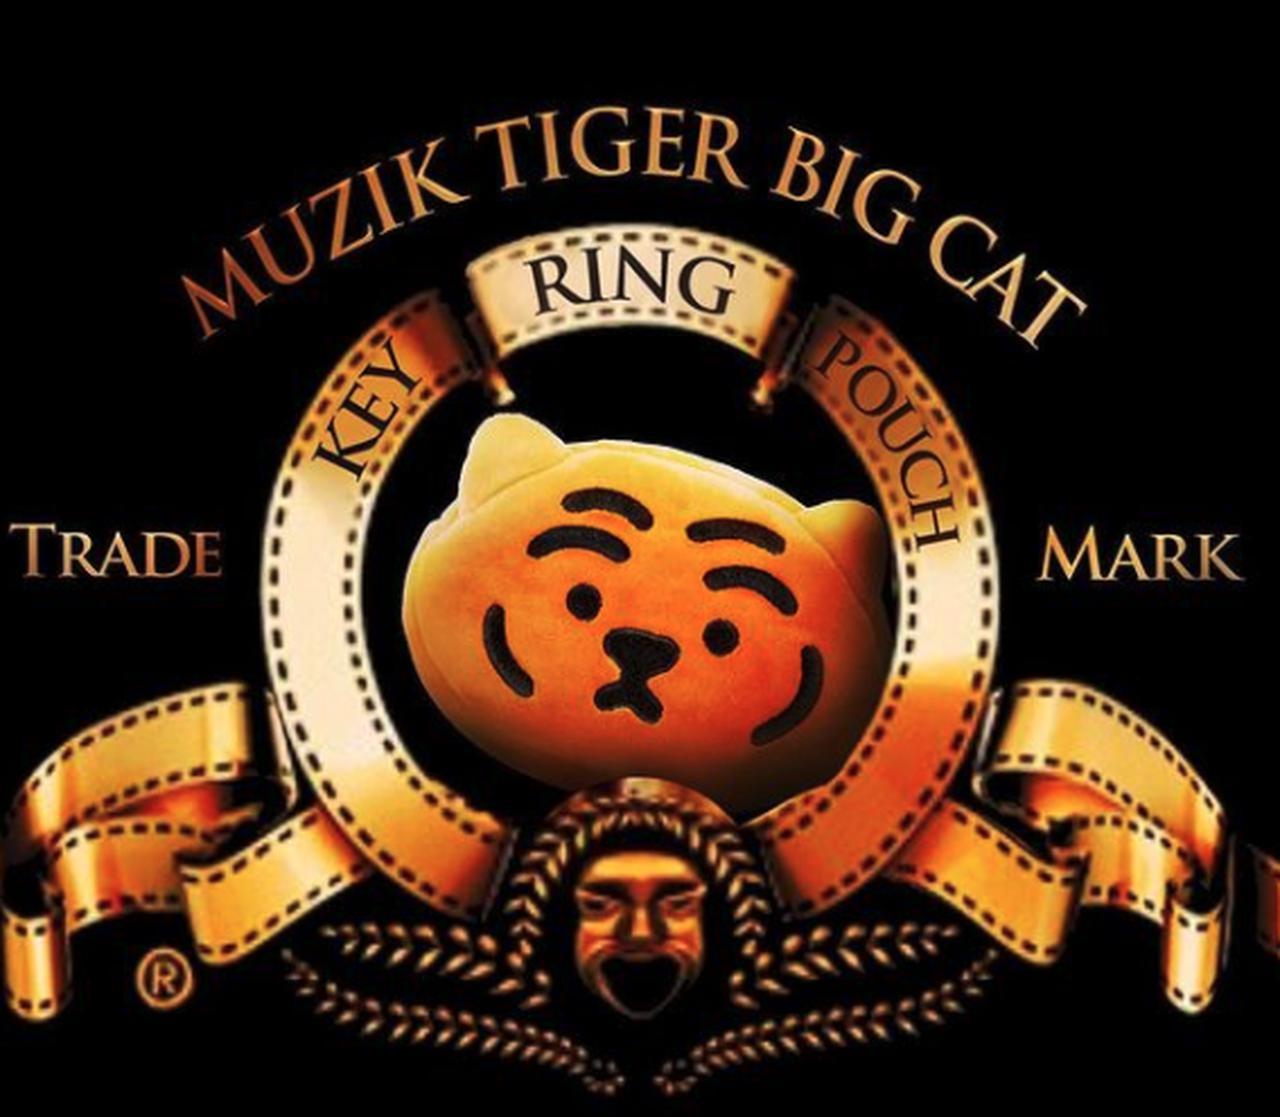 画像: MUZIKTIGER (ムジークタイガー) : 公式通販サイト